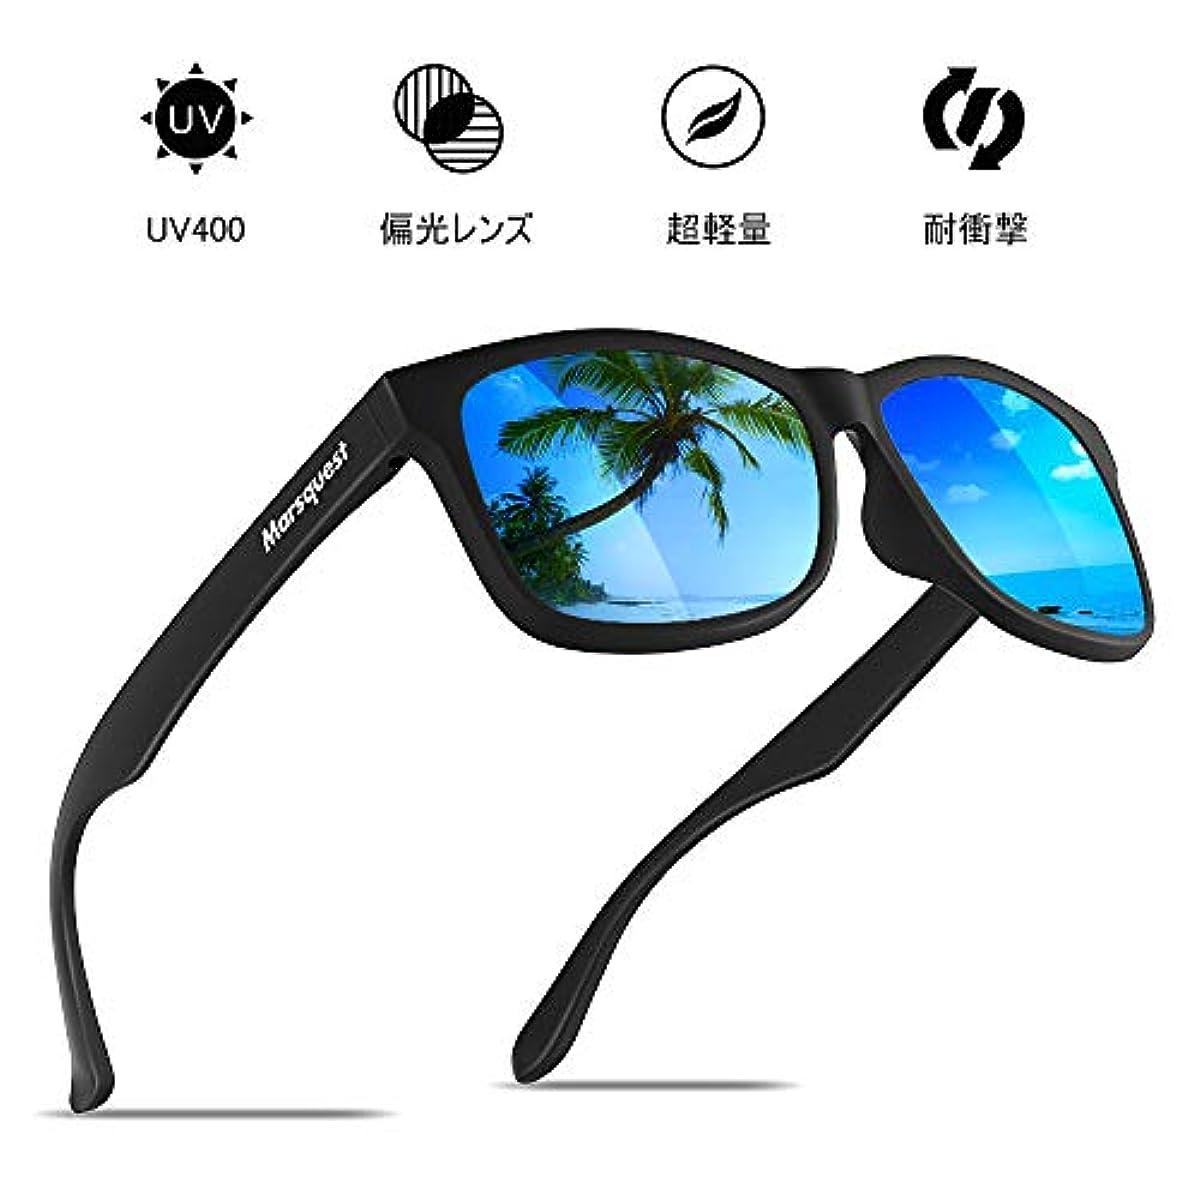 [해외] MARSQUEST 편광 썬글라스 편광 렌즈 웰링톤형 미러 썬글라스 초경량 프레임 채용 표범면에 특수한 코팅 기술 가공 UV400자외선・반사광・강빛 현 하여 있음 빛・그레아부터 컷 도대체(일체)식 비당락 하방지 디자인 초항충격 자전거・드라이어이브・런닝・낚시・등산・트래킹 등 스포츠로드 최적 패션인 디자인 맨즈 & 레이디스용 수납 파우치 부착 MOMENTUM